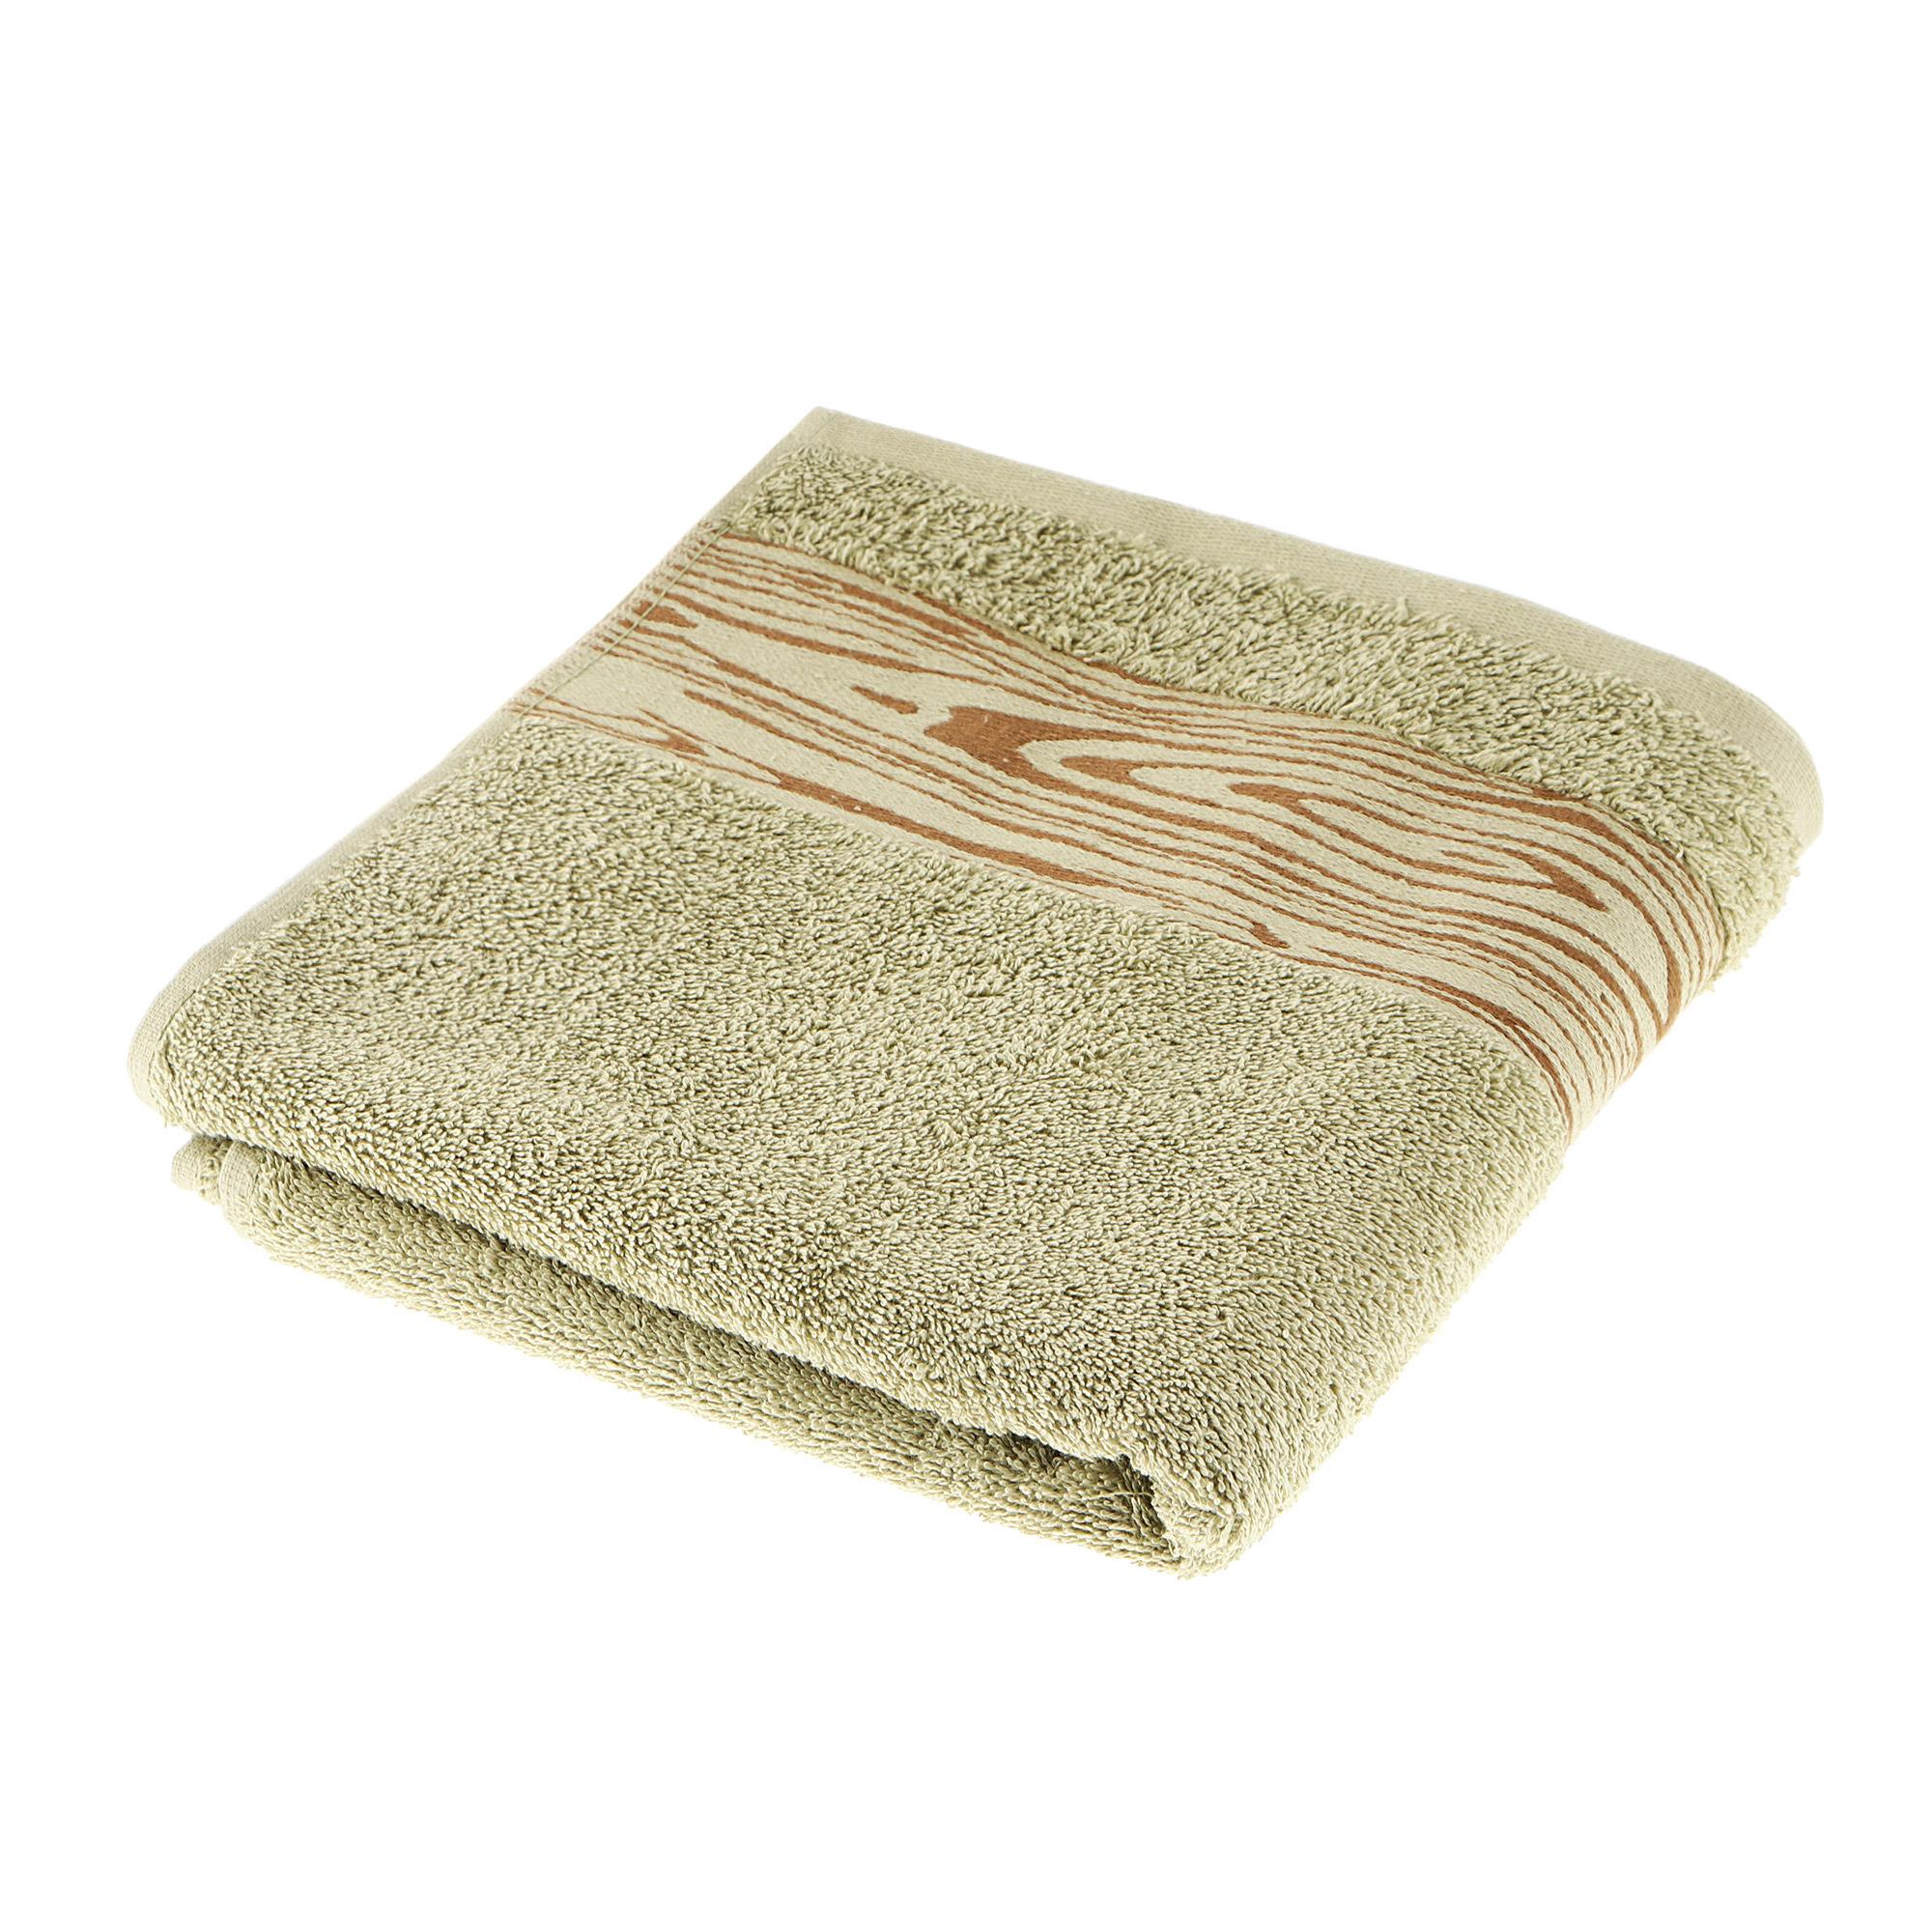 Полотенце махровое Asil wood 50x100 green полотенце двухстороннее 50x100 asil powder